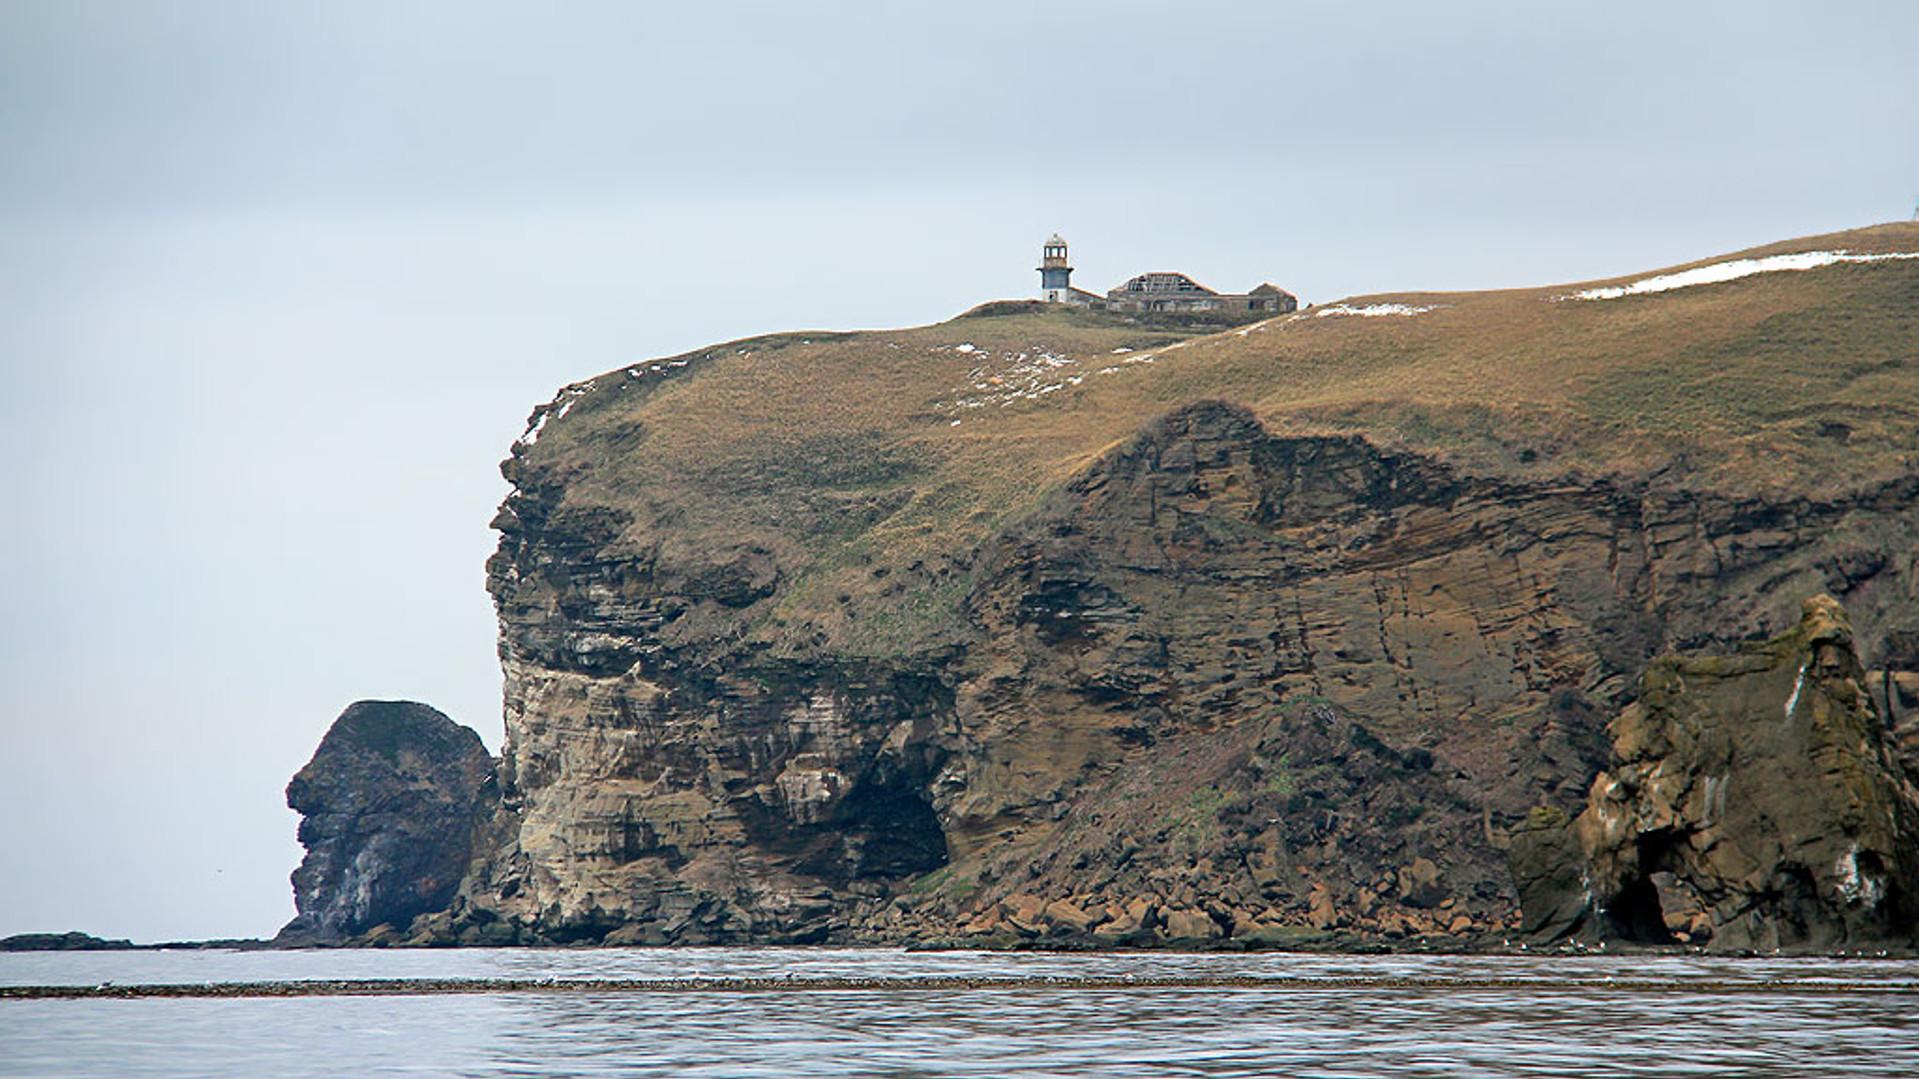 Kuznetzova Lighthouse